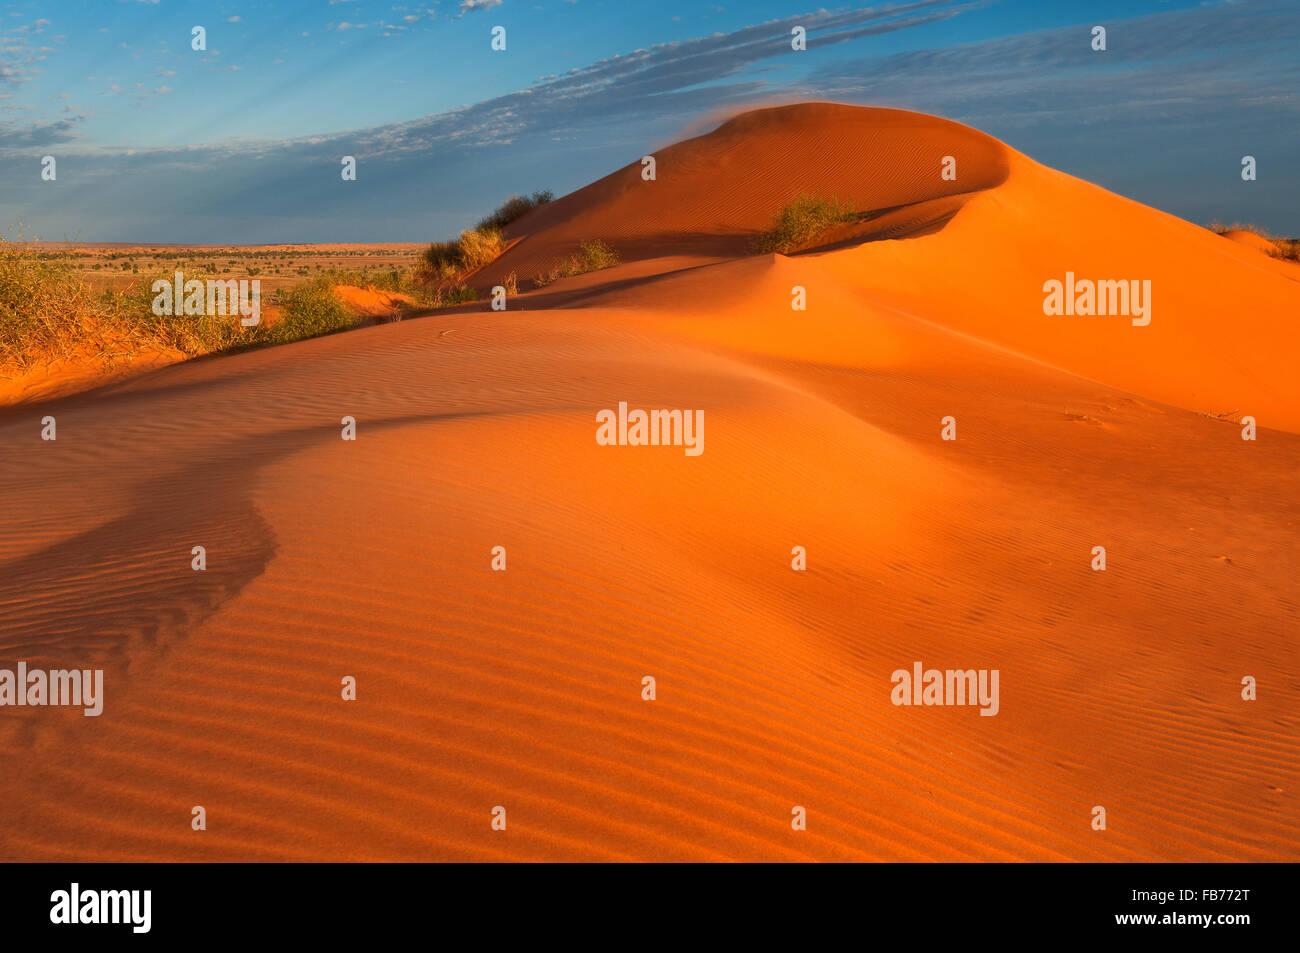 Red sand dune in Simpson Desert. - Stock Image